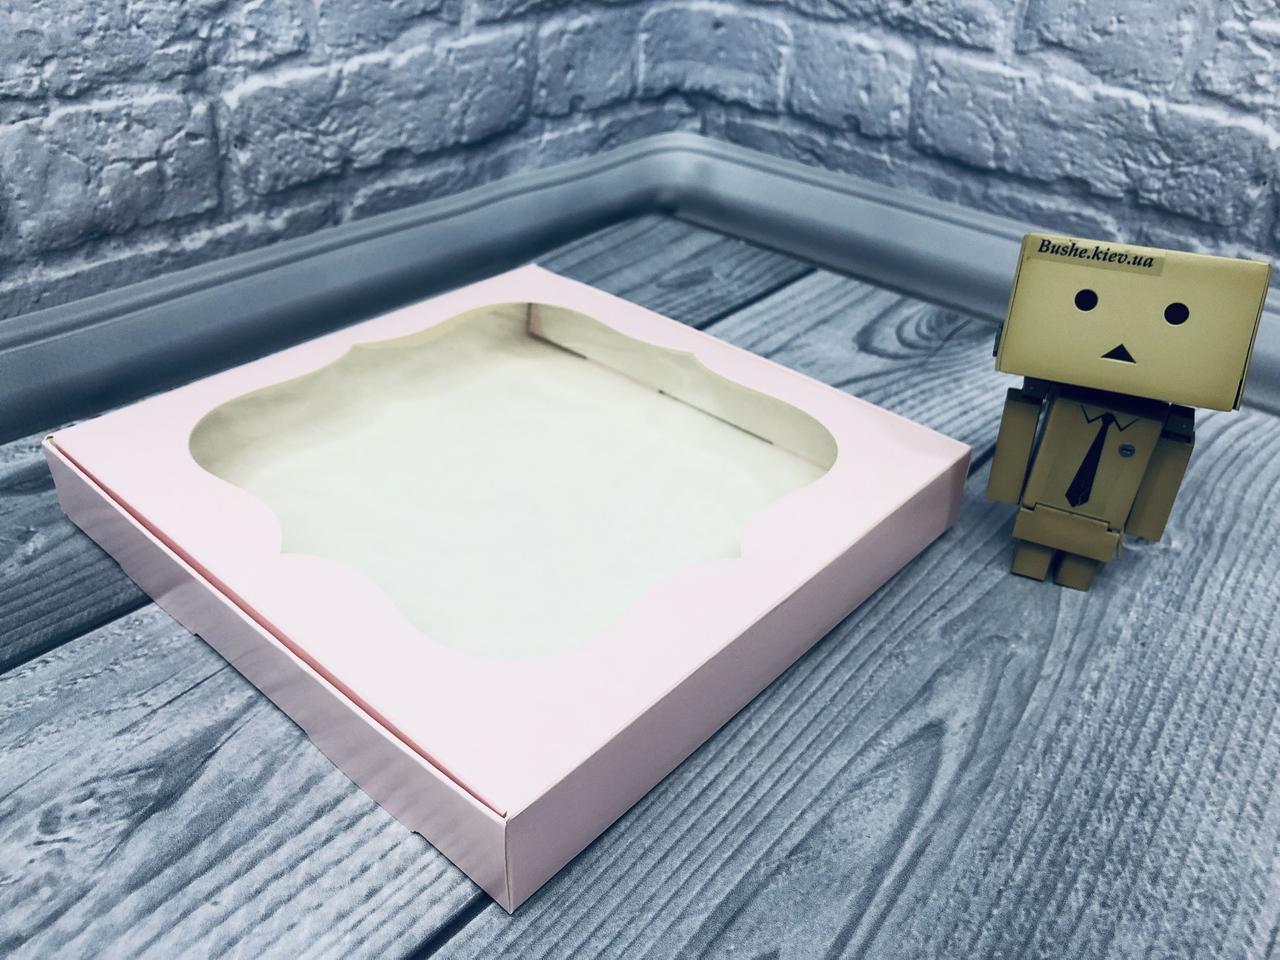 *10 шт* / Коробка для пряников / 200х200х30 мм / печать-Пудр / окно-обычн / лк